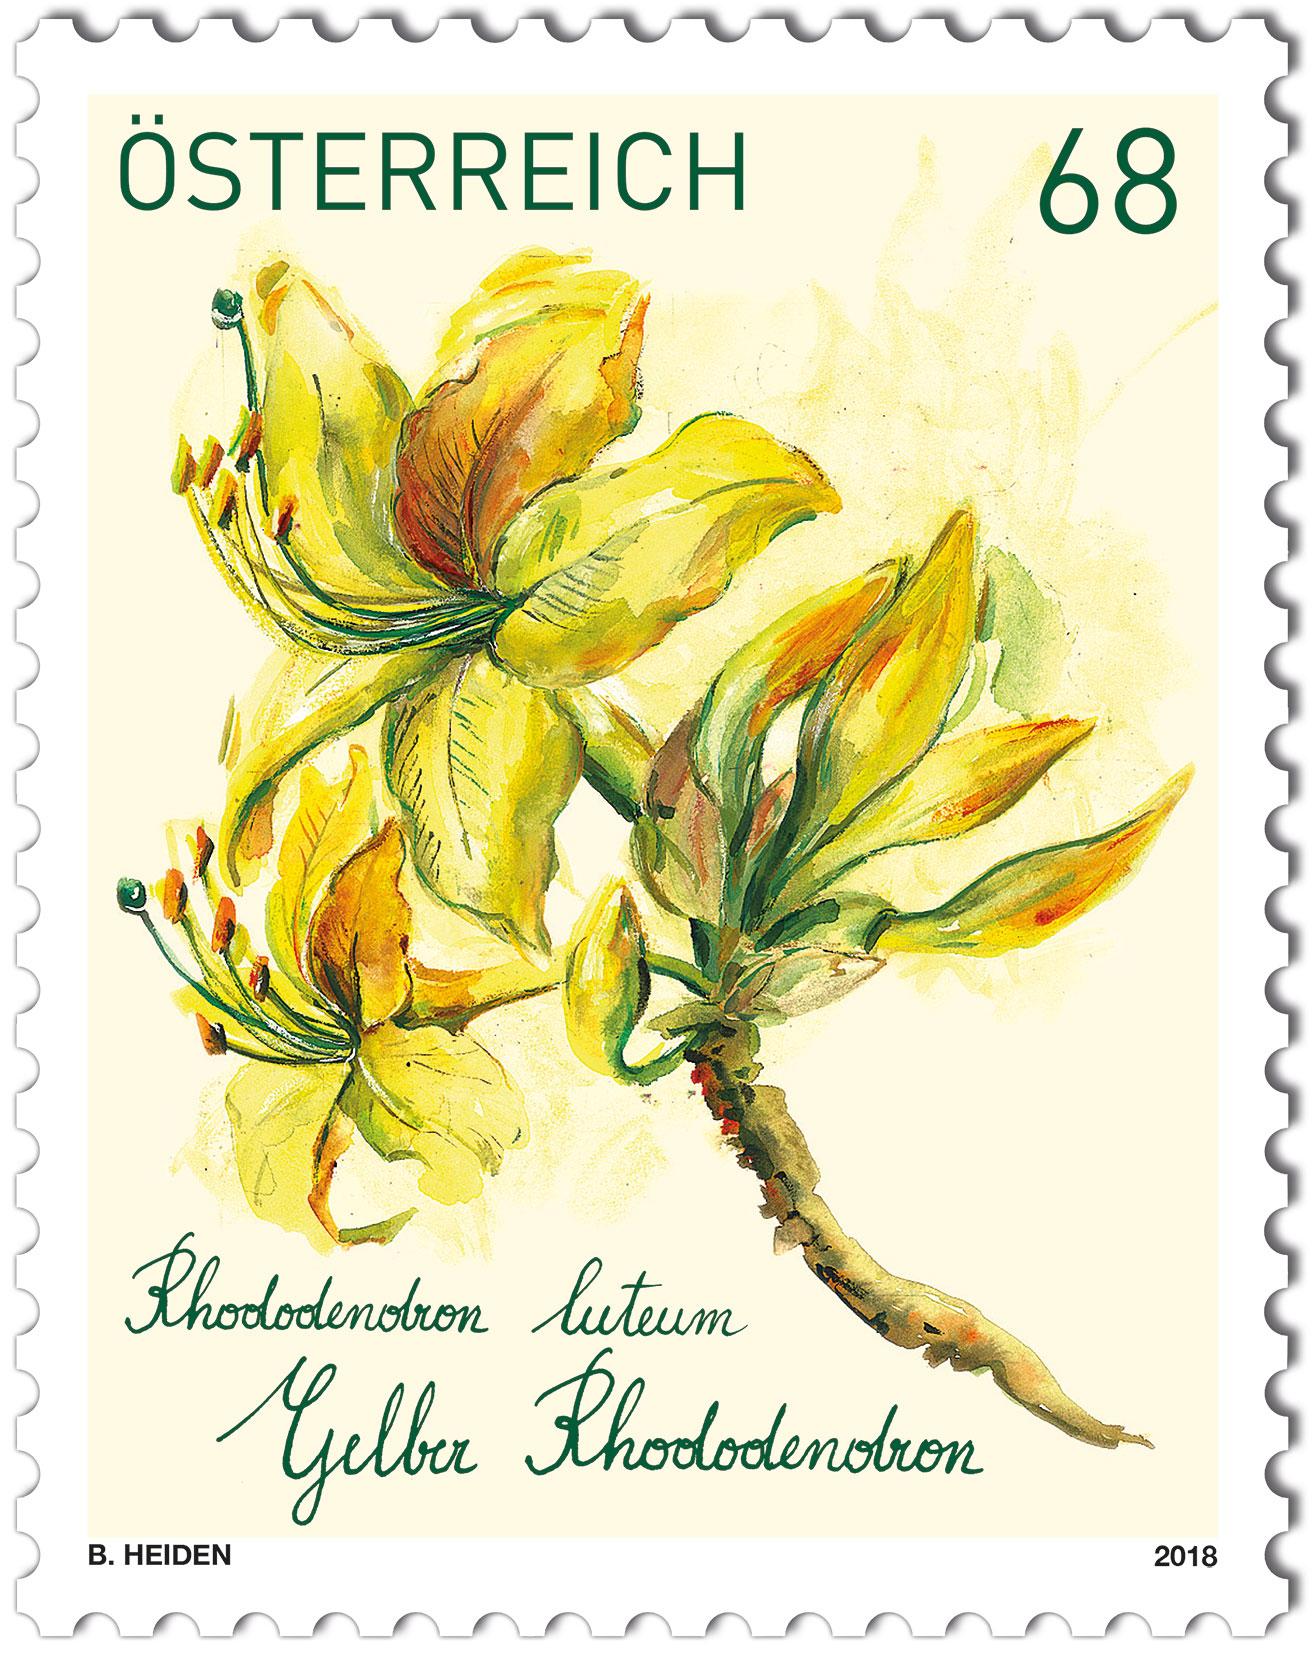 Rhododendron Gelbe Blätter treuebonusmarke 2017 gelber rhododendron 2018 kunst und kultur